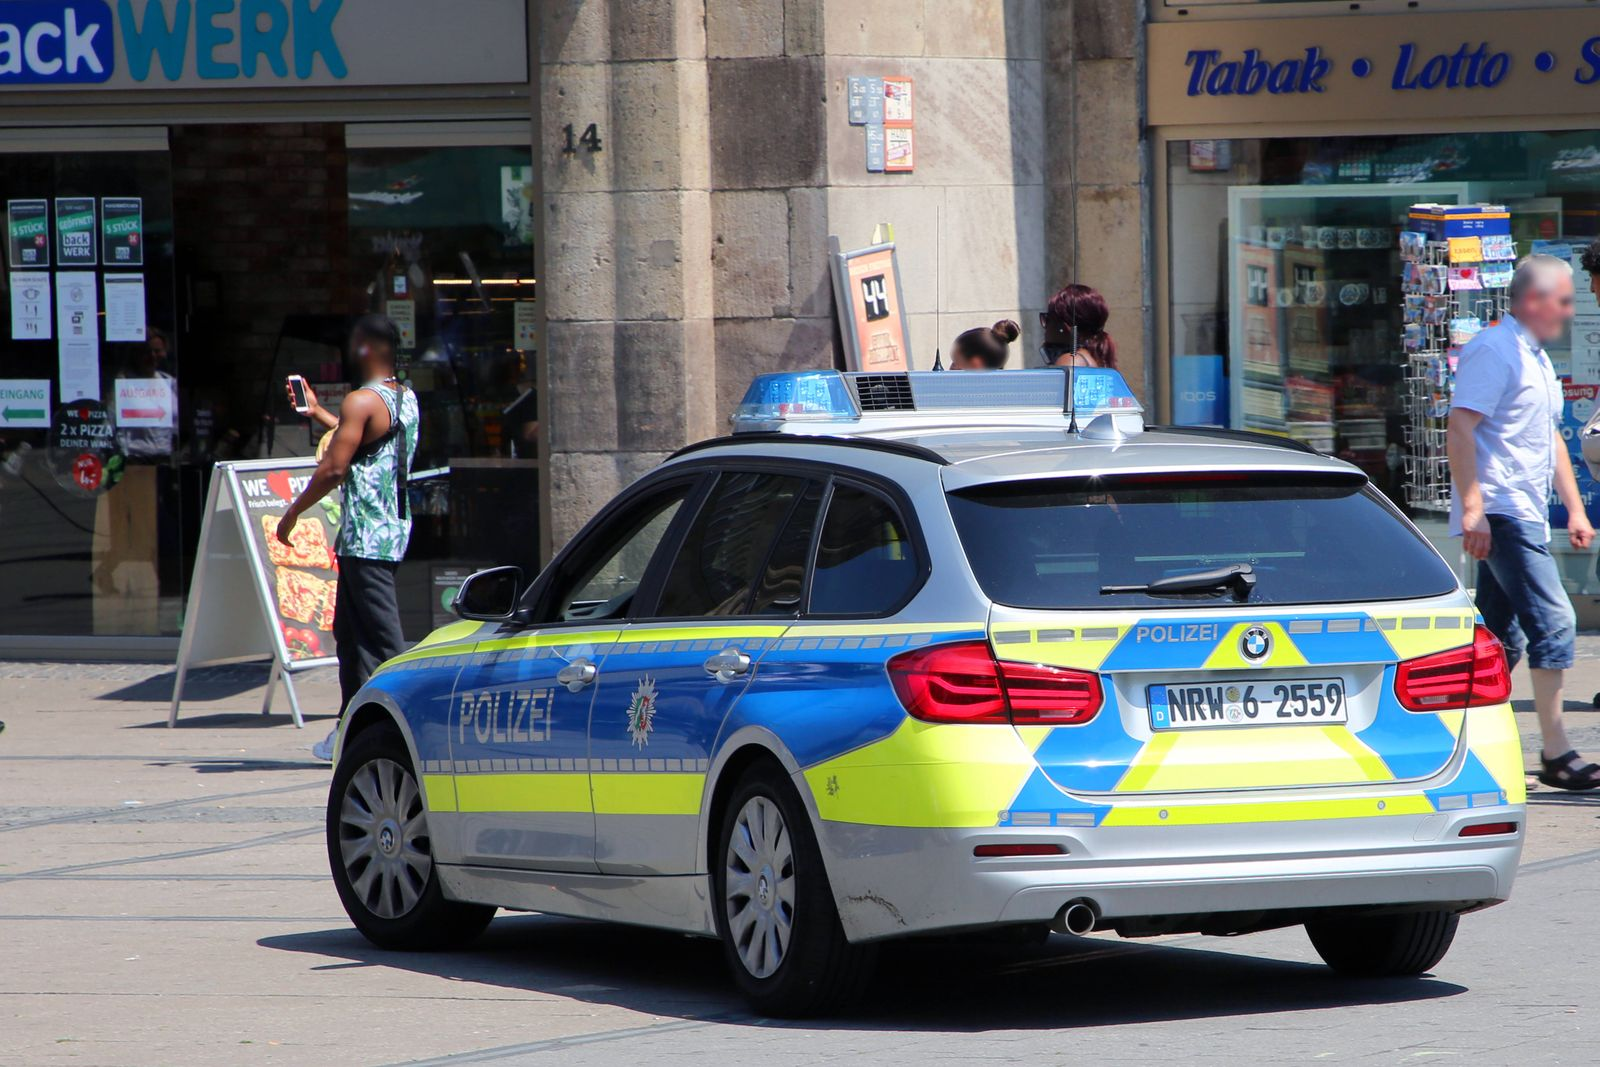 Kontrolle in der Innenstadt Streifenfahrt der Polizei in der Essener Innenstadt Essen Nordrhein-Westfalen Deutschland Wi